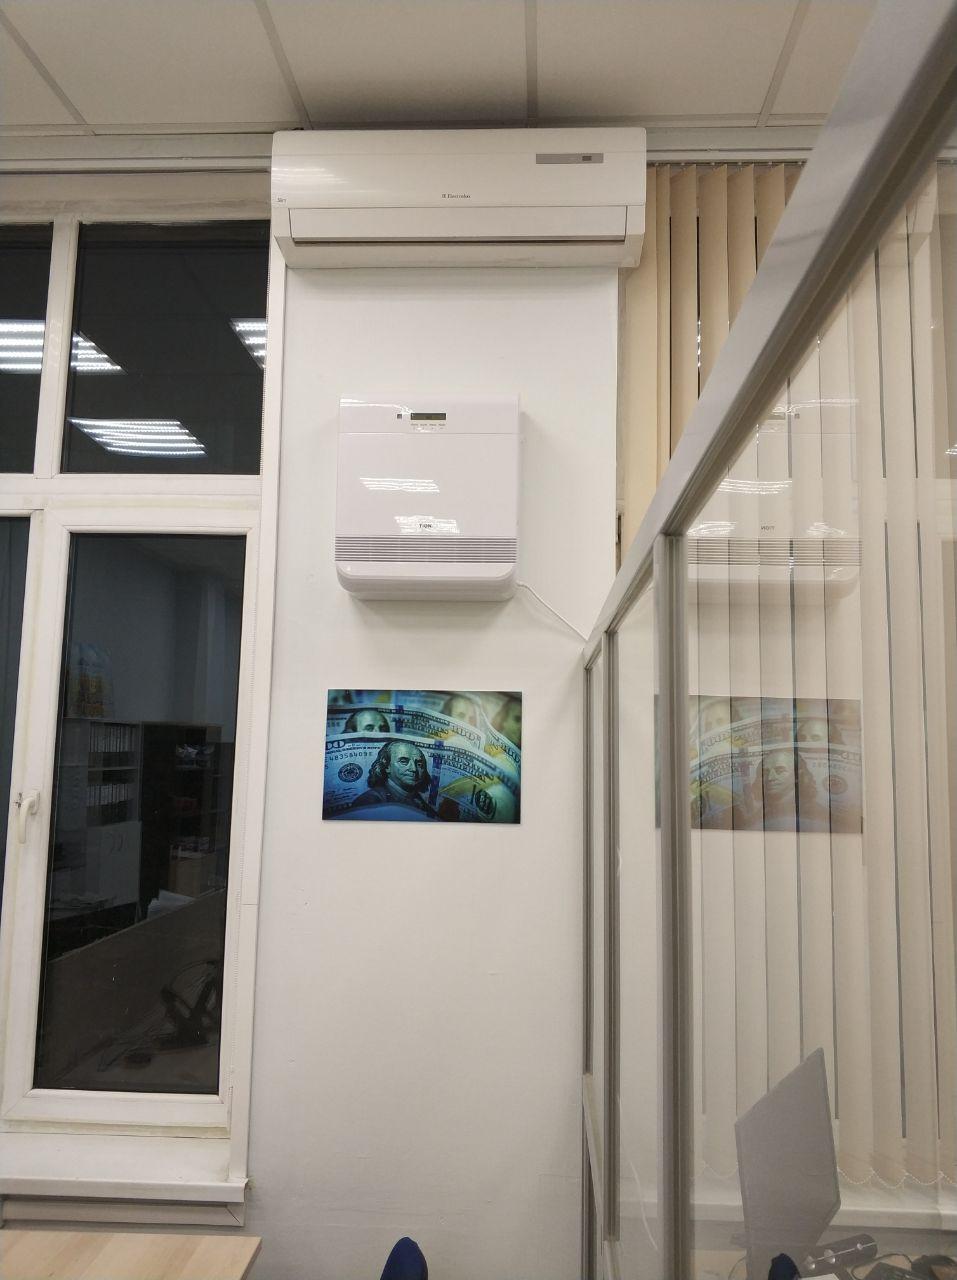 Бризер Тион О2 (под кондиционером), смонтированный в офисе